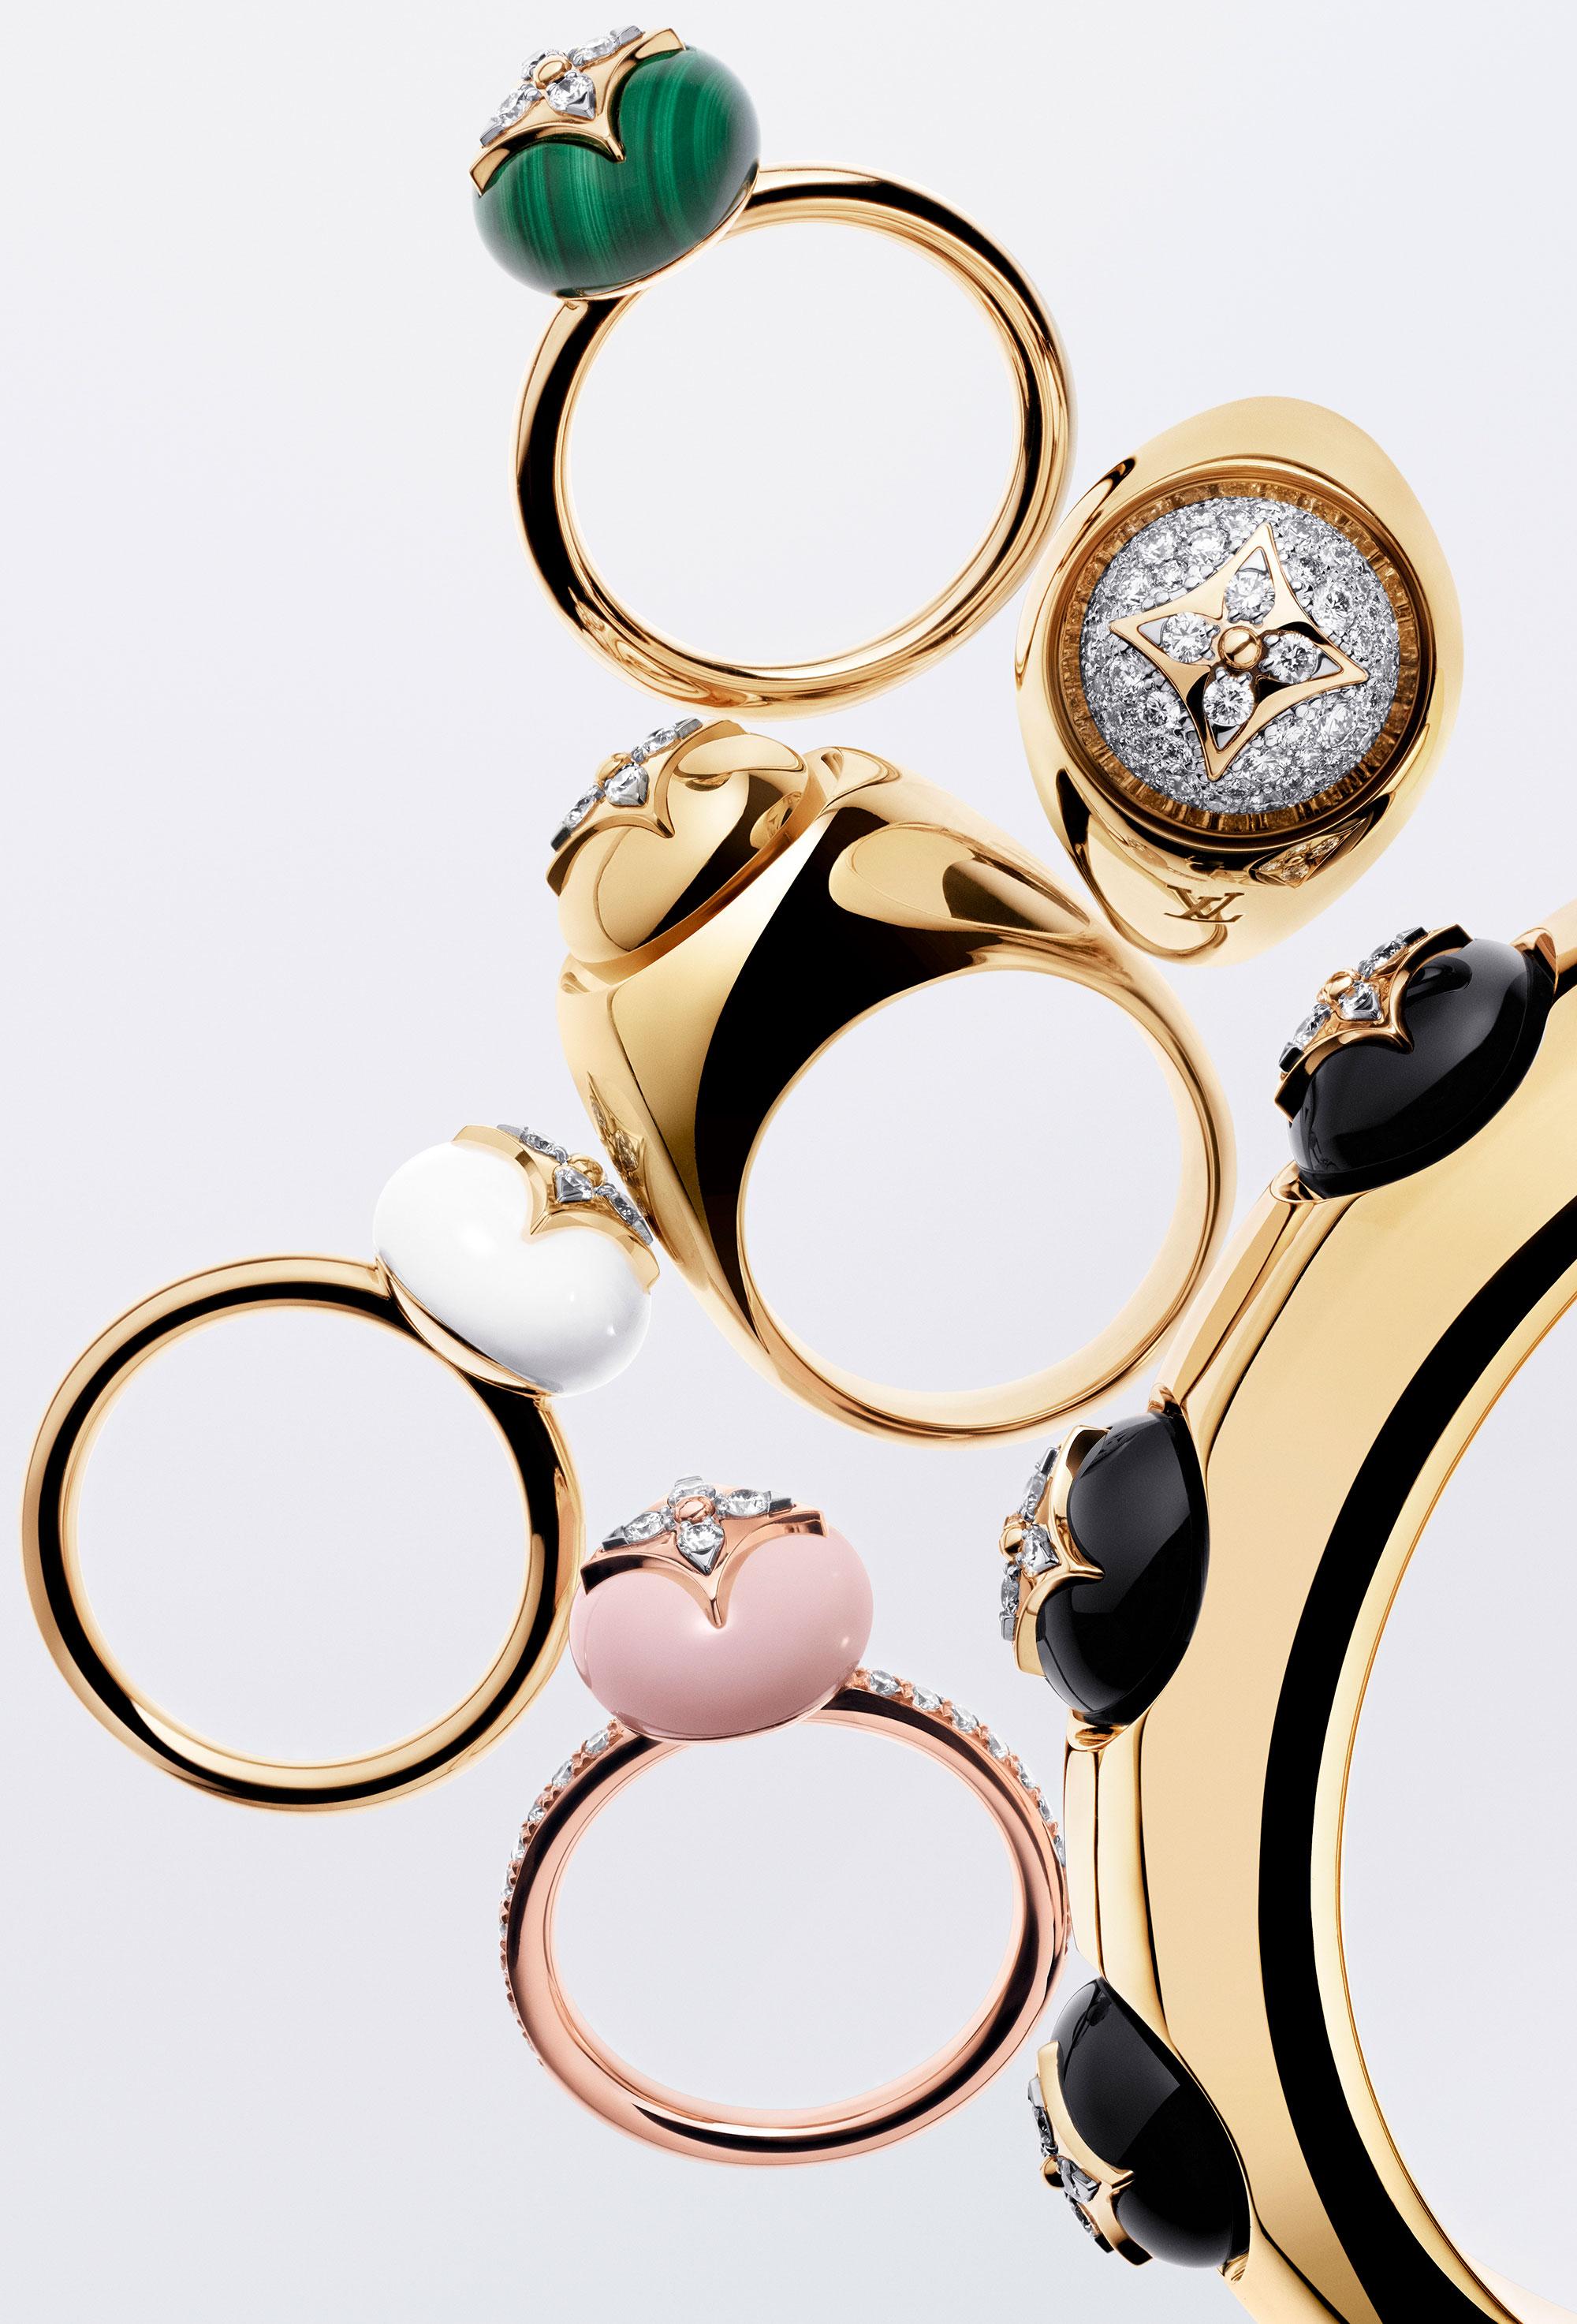 (上から)リング ¥400,000、リング *参考商品、リング ¥745,000、バングル ¥3,390,000、リング ¥359,000、リング ¥590,000 | © Philippe Lacombe